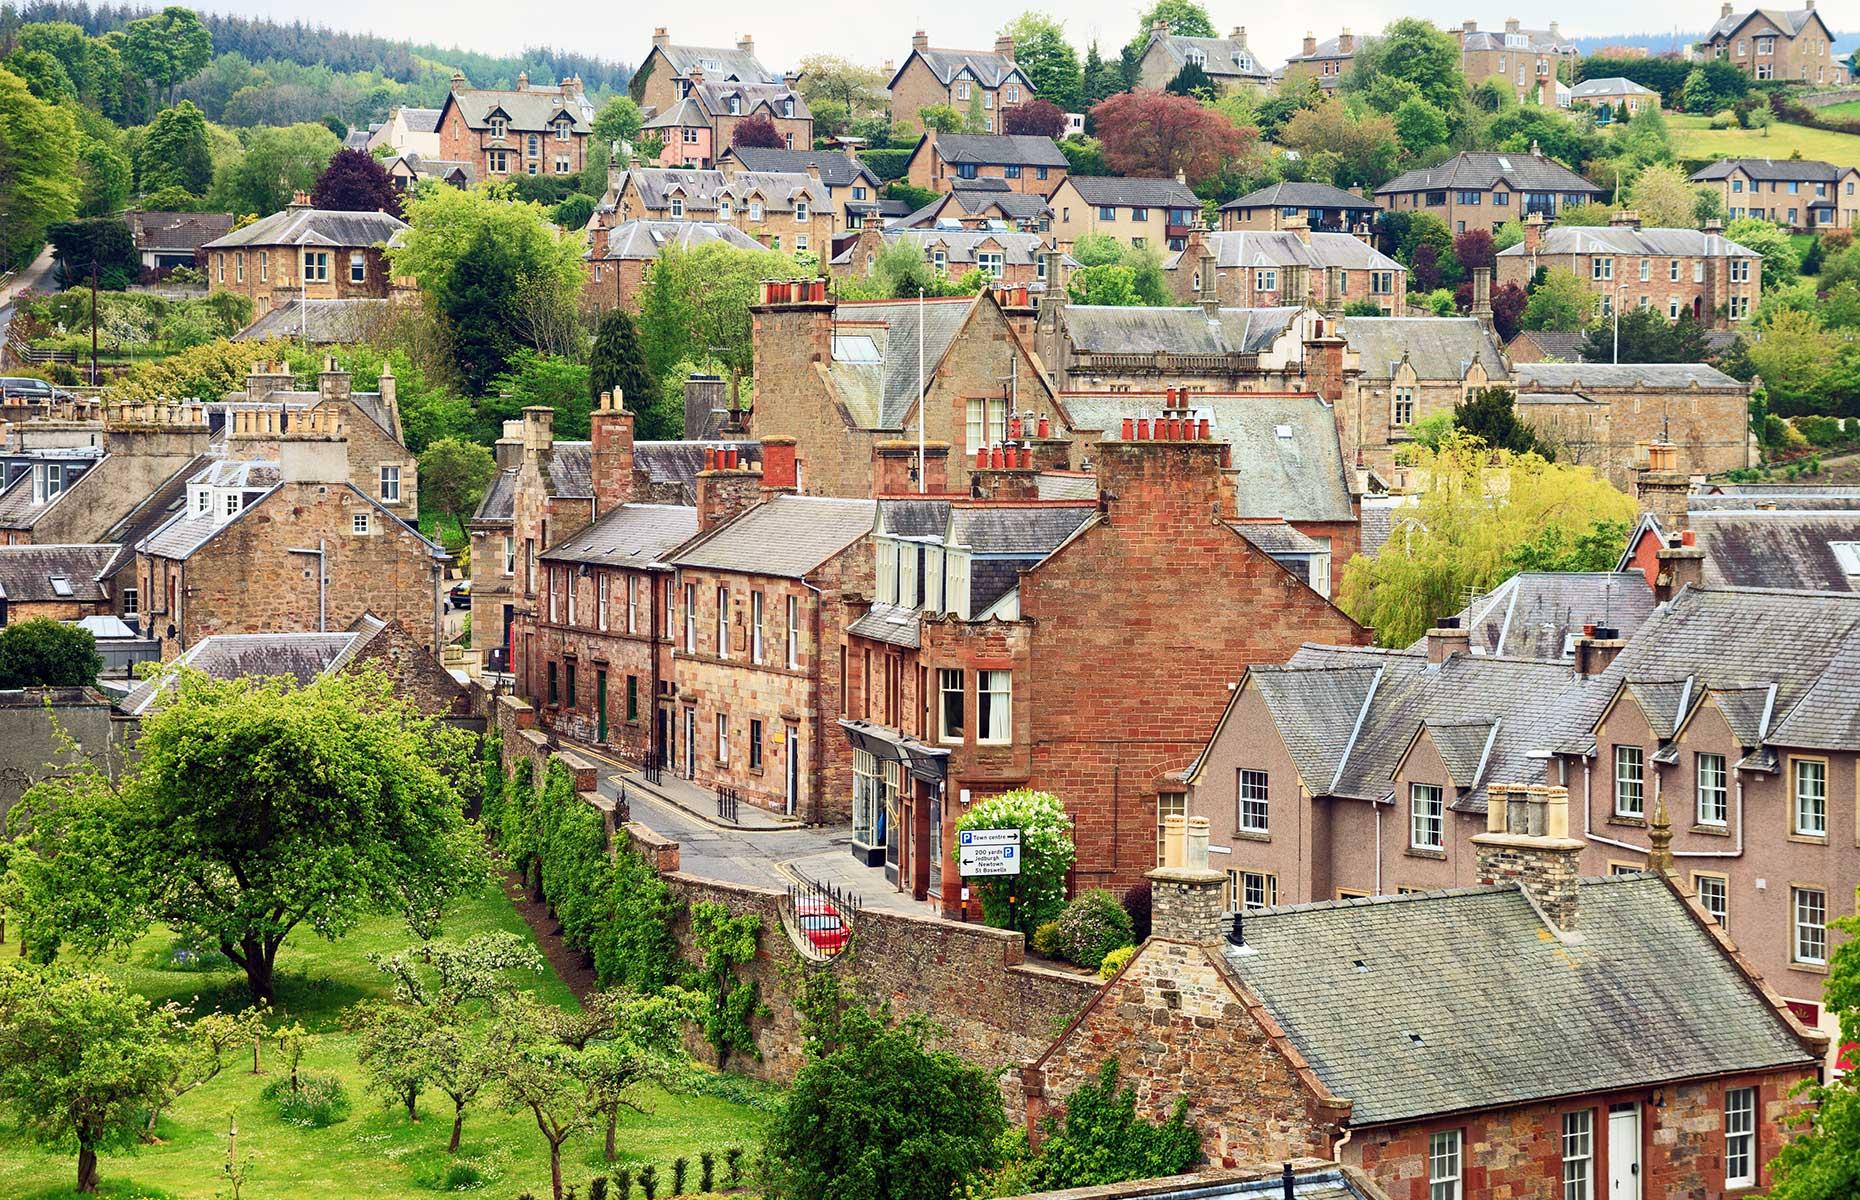 Melrose, Scotland (Image: Nella/Shutterstock)